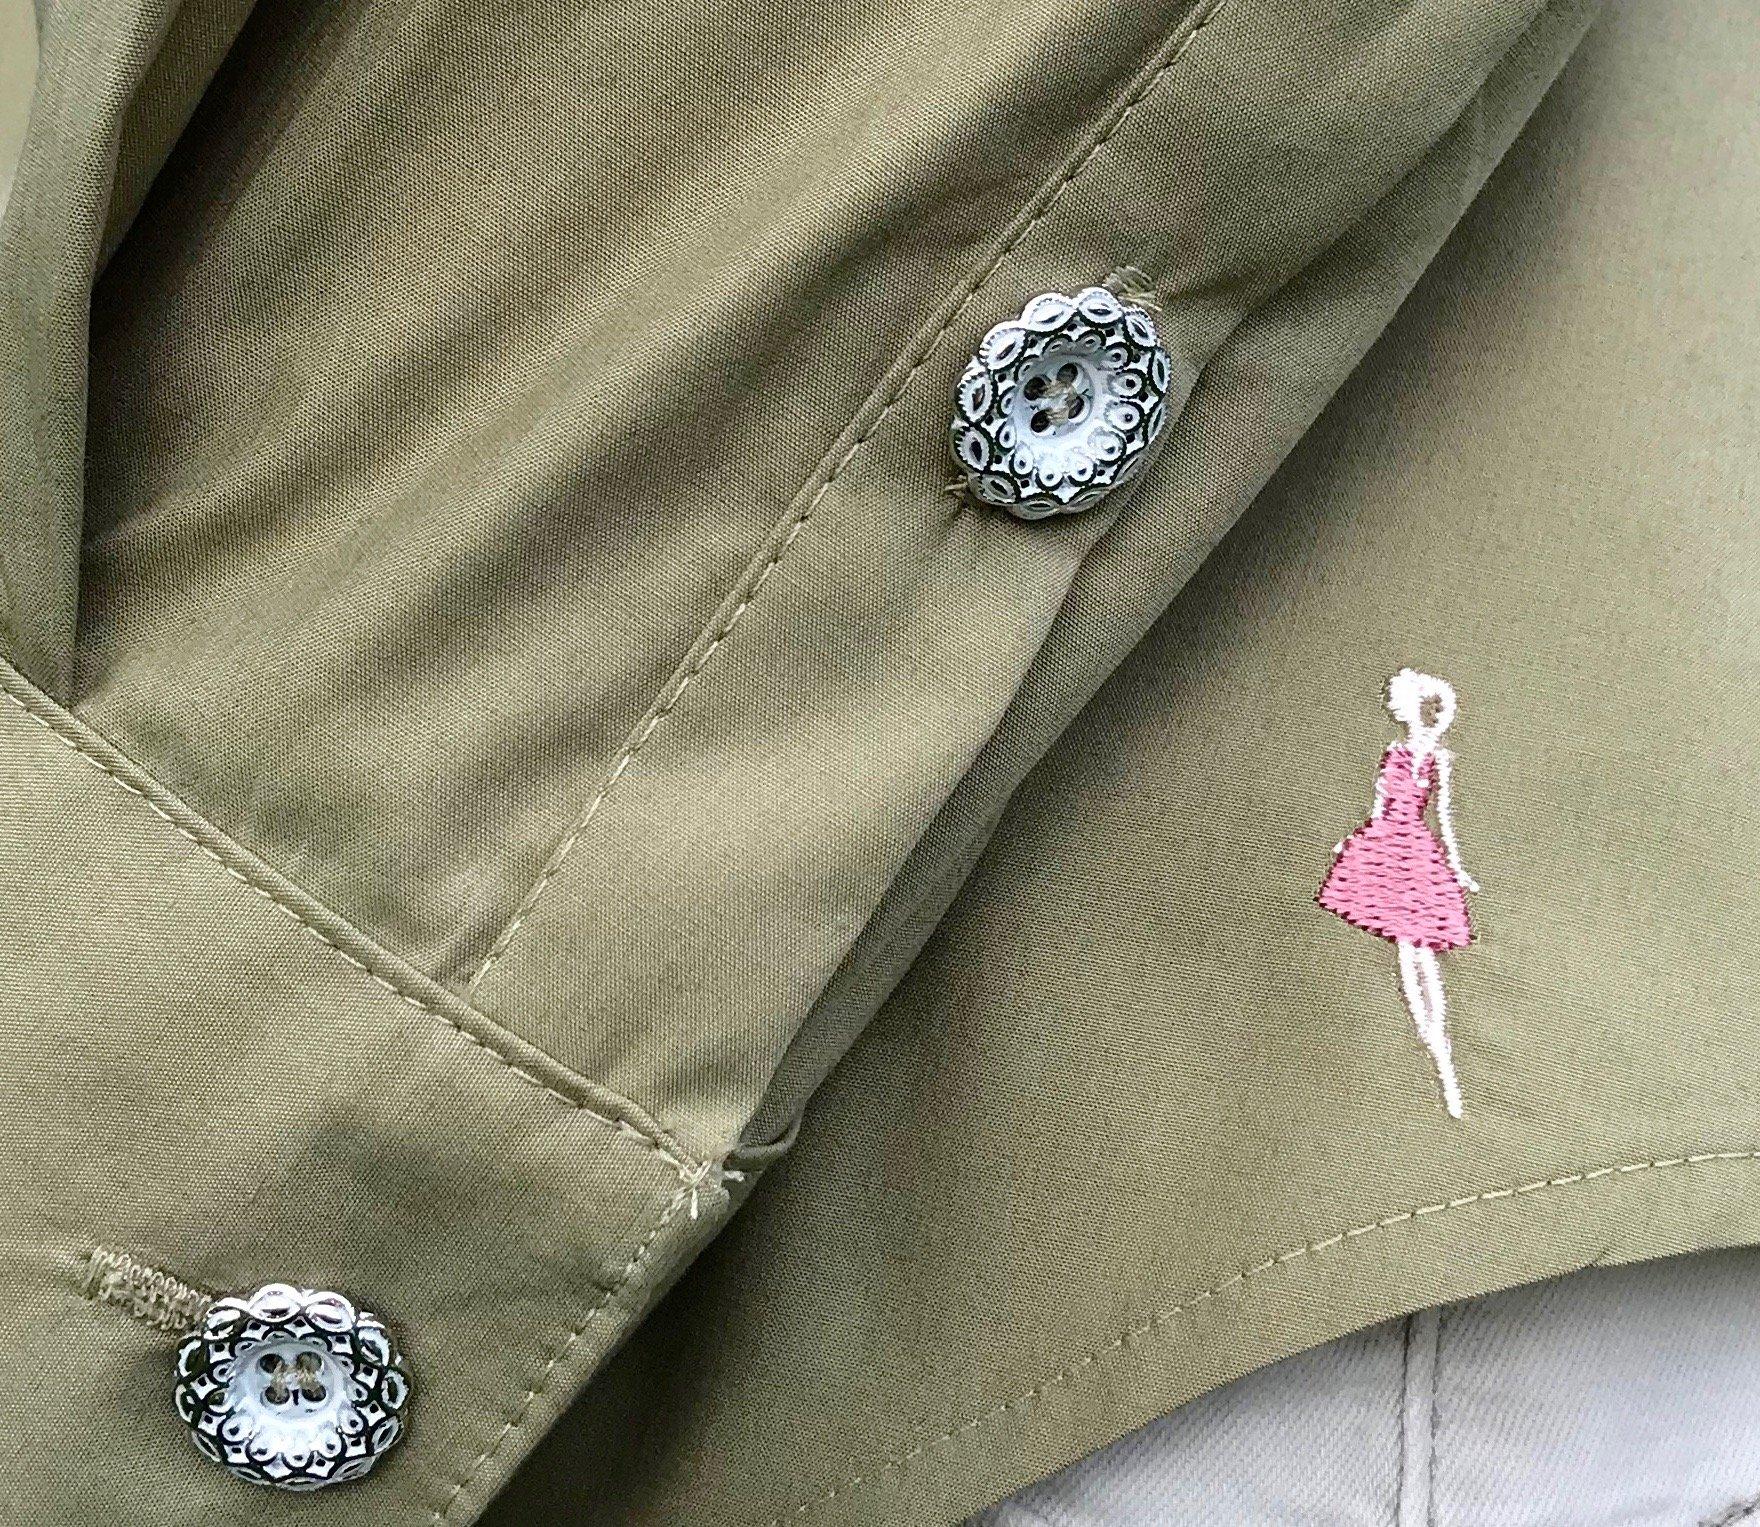 Skjortan Lina mossgrön i 100% GOTS bomull. Bild på manschett och Keep the Fashions broderade logga.